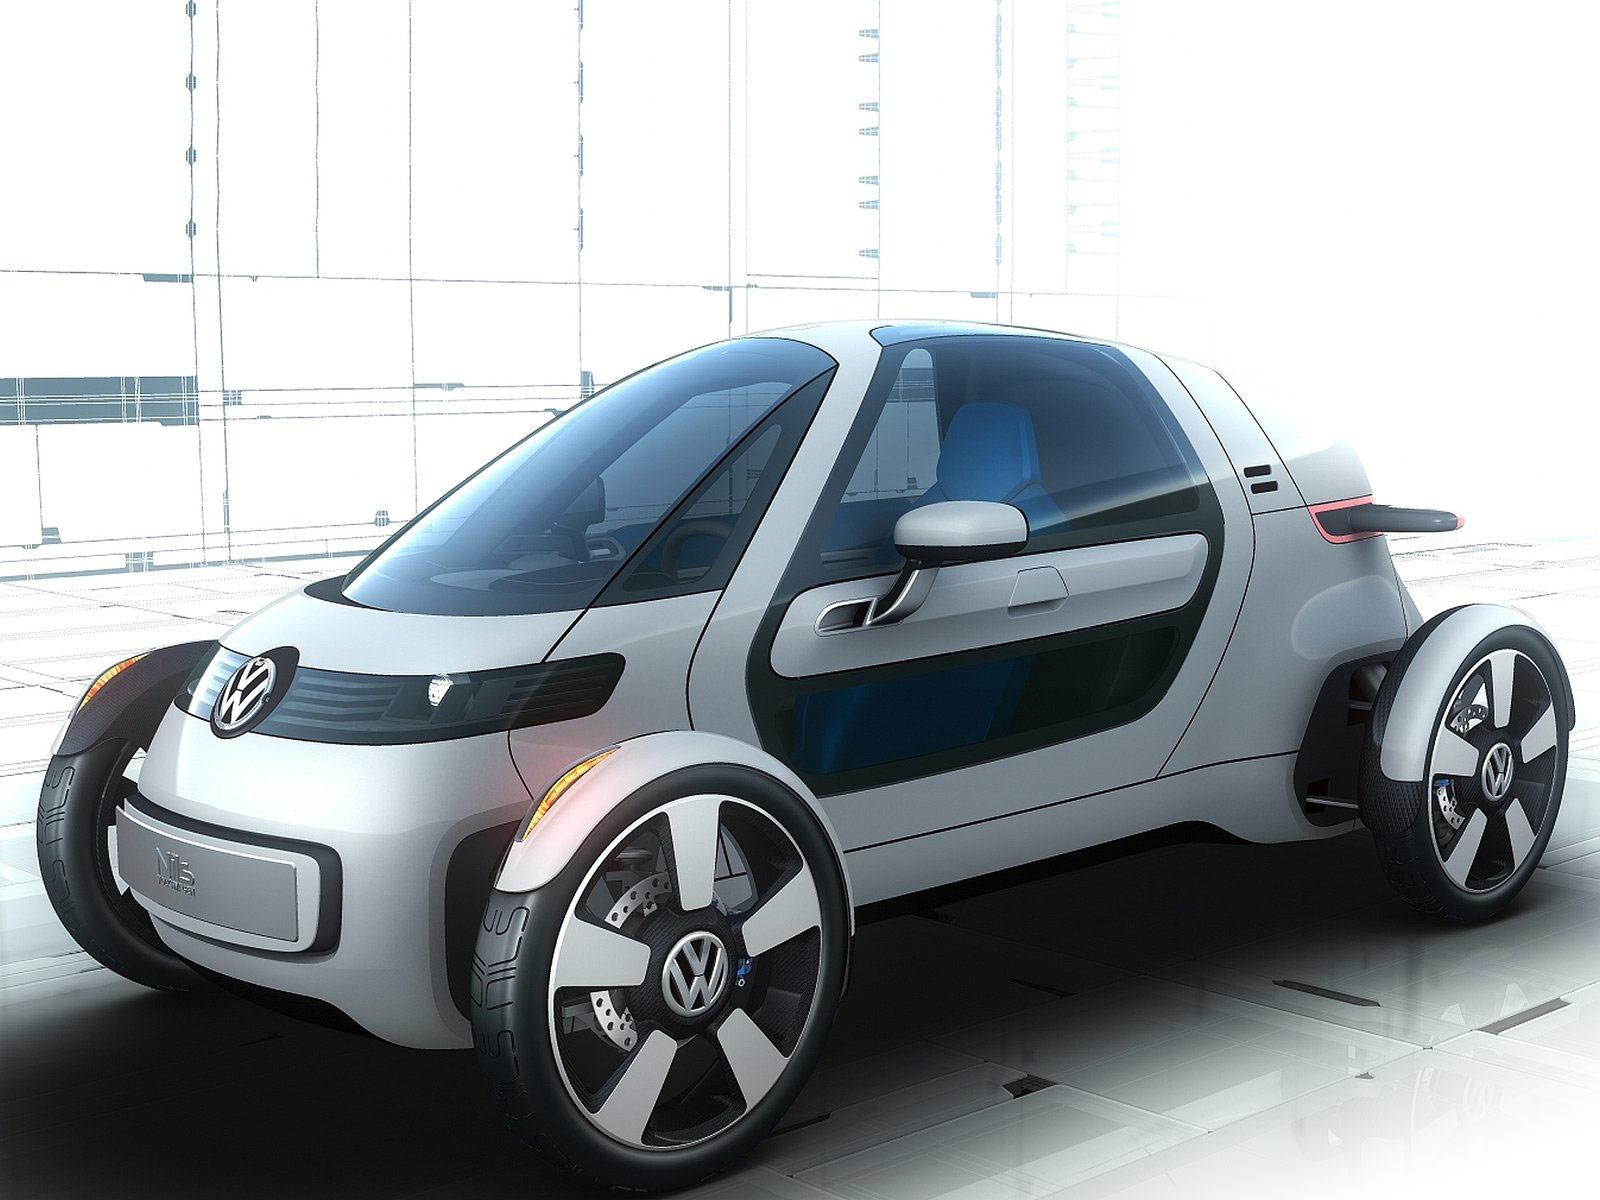 Volkswagen Wallpapers 2011 Nils Concept